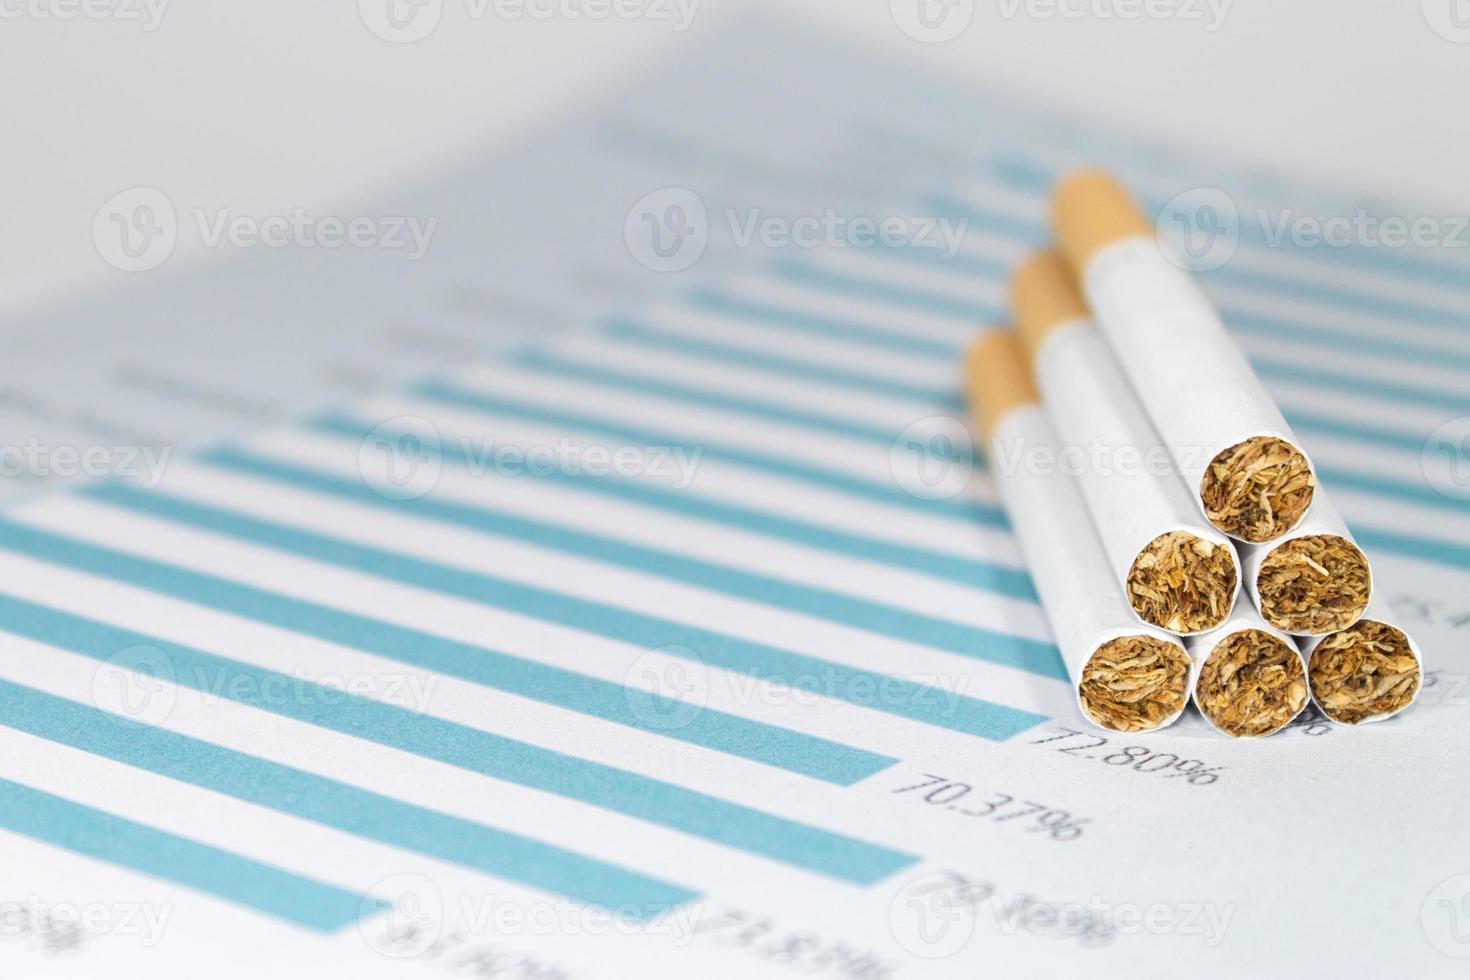 cigarrillos en la tabla de impuestos foto